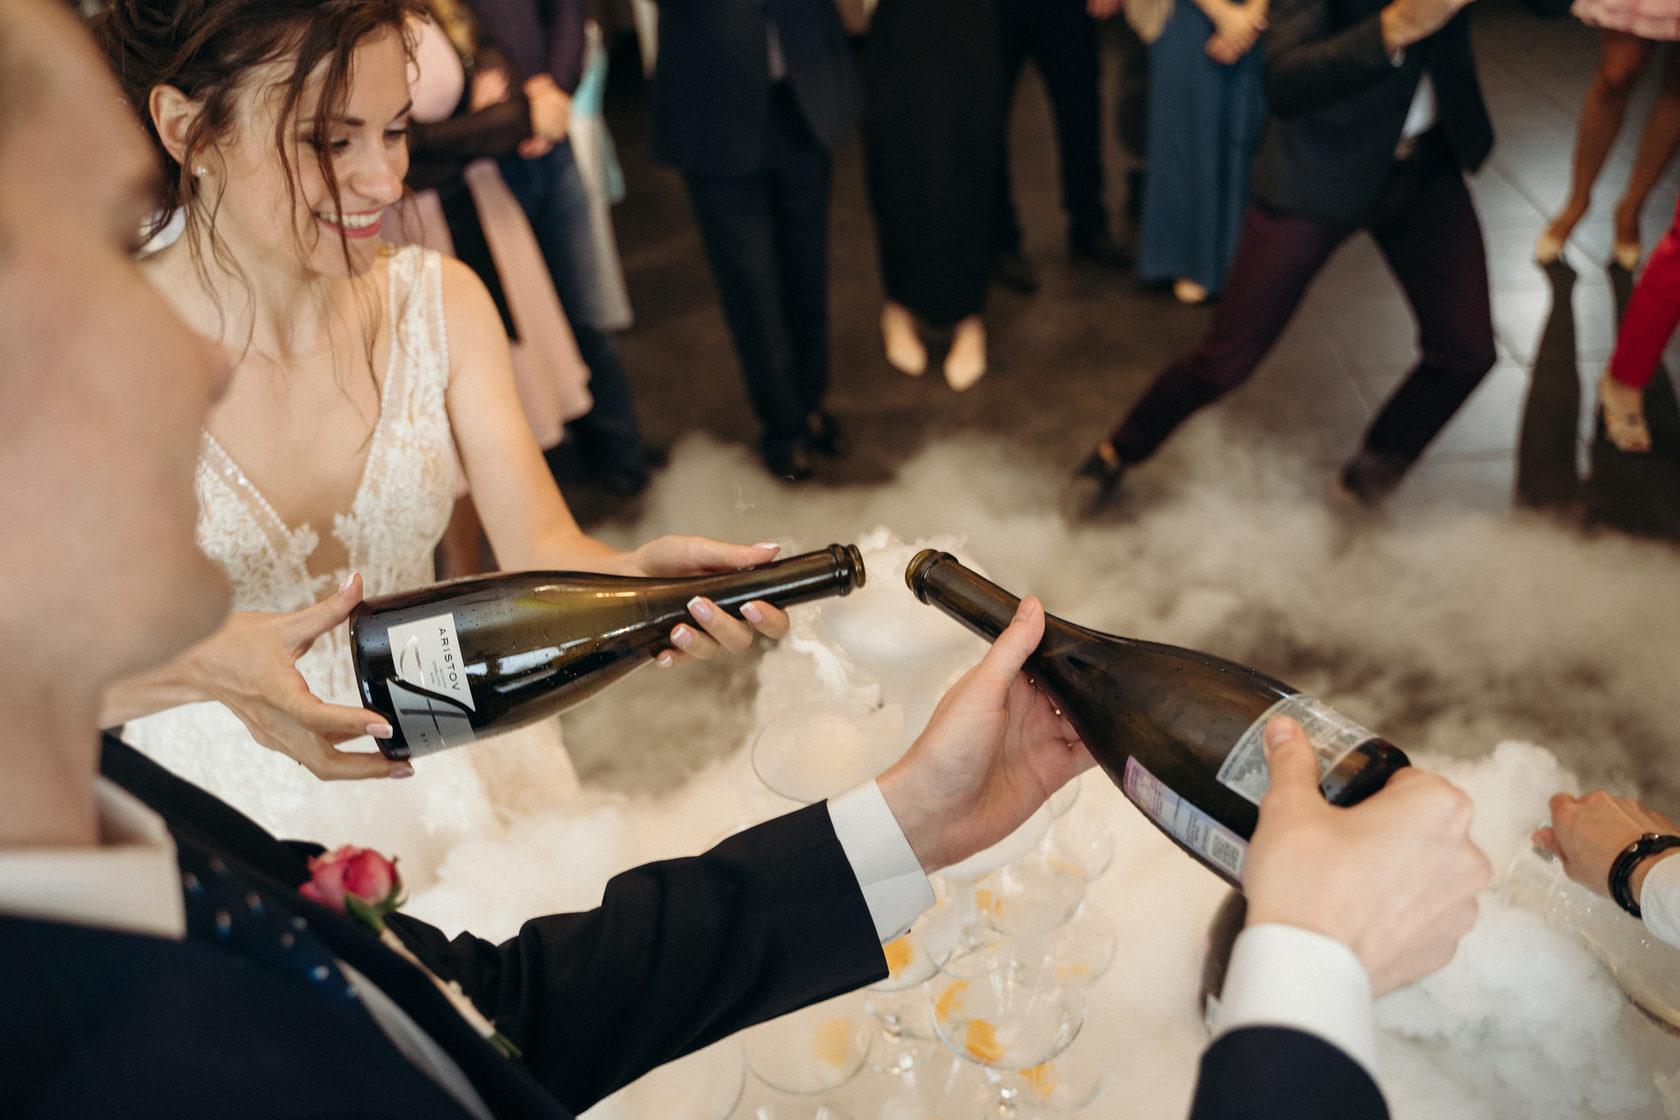 не нравятся фотографии со свадьбы что делать говорю, что